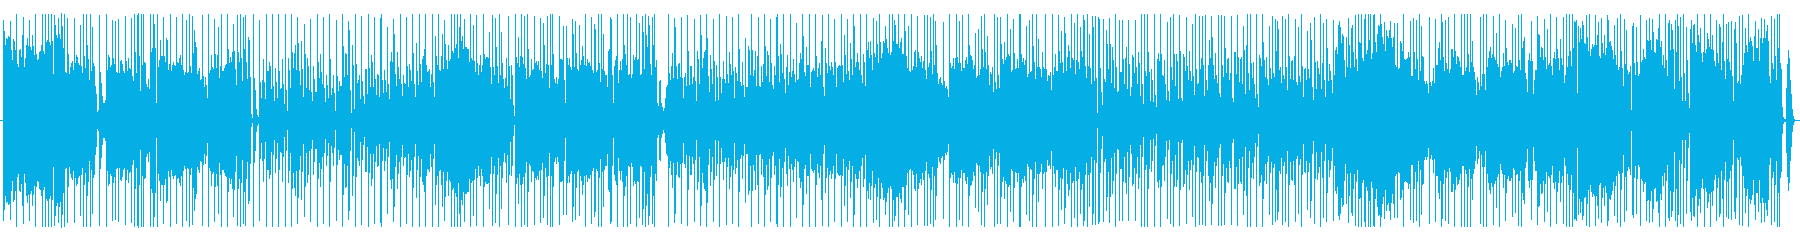 明るいカンジの80年代風?ファンクBGMの再生済みの波形